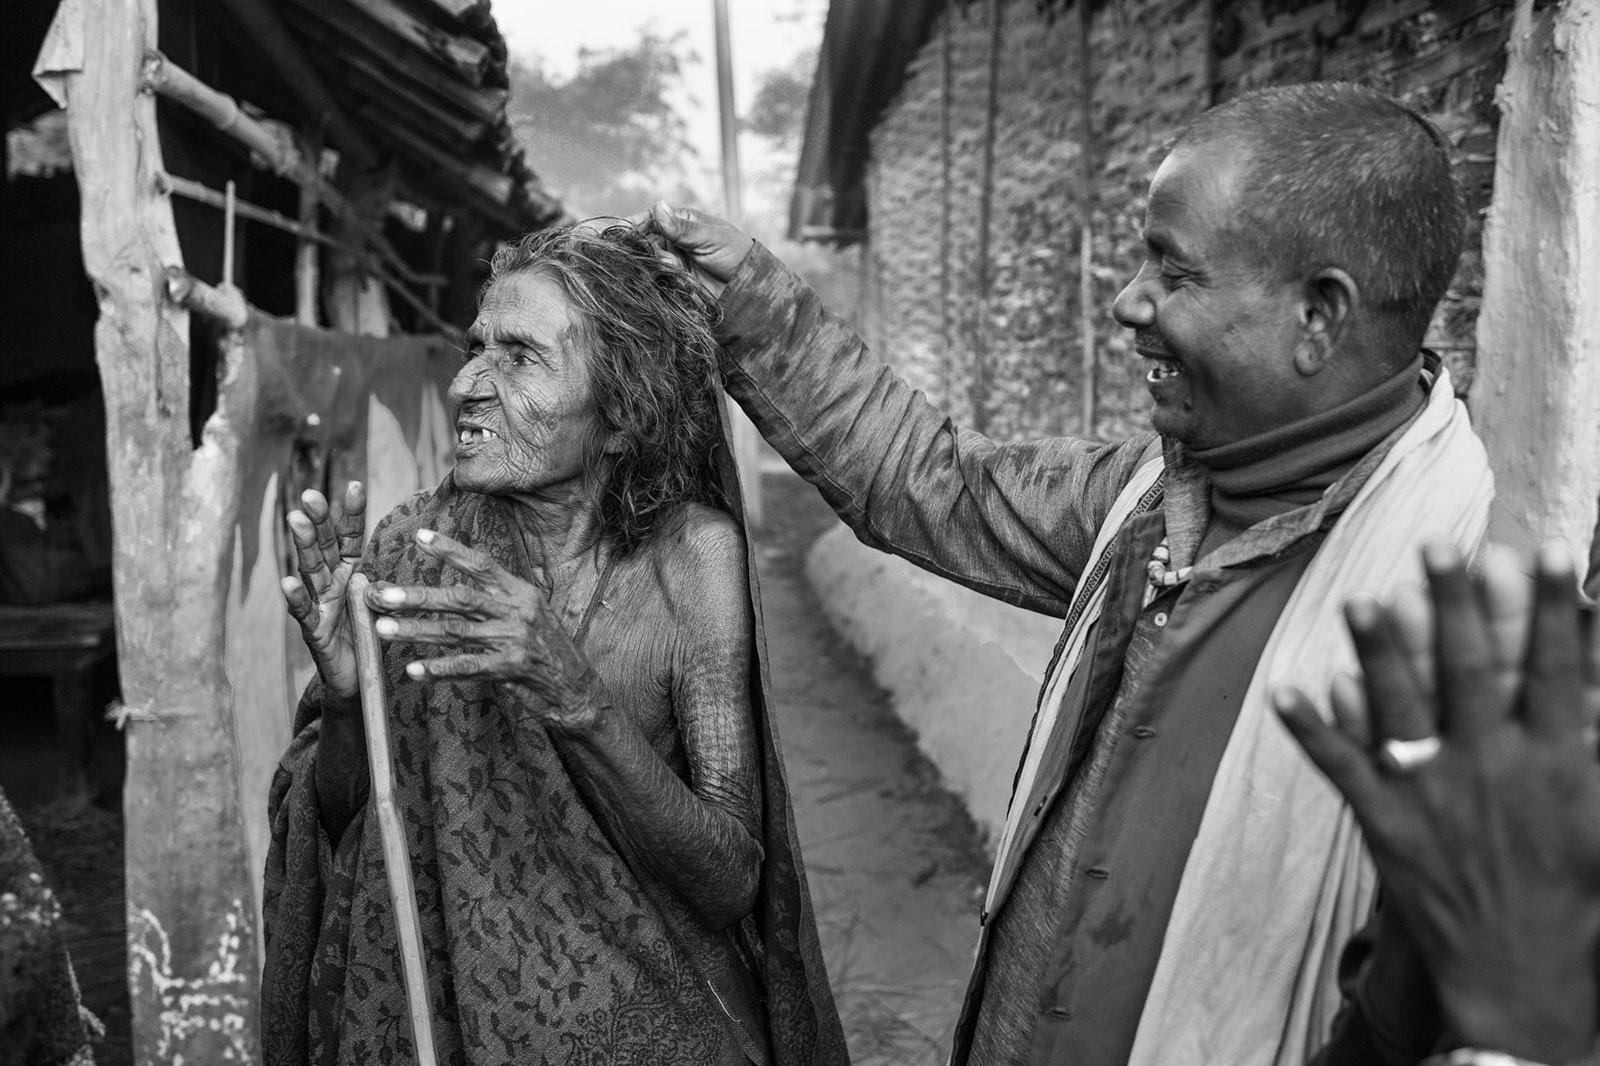 elderly woman in Nepal harassed by man